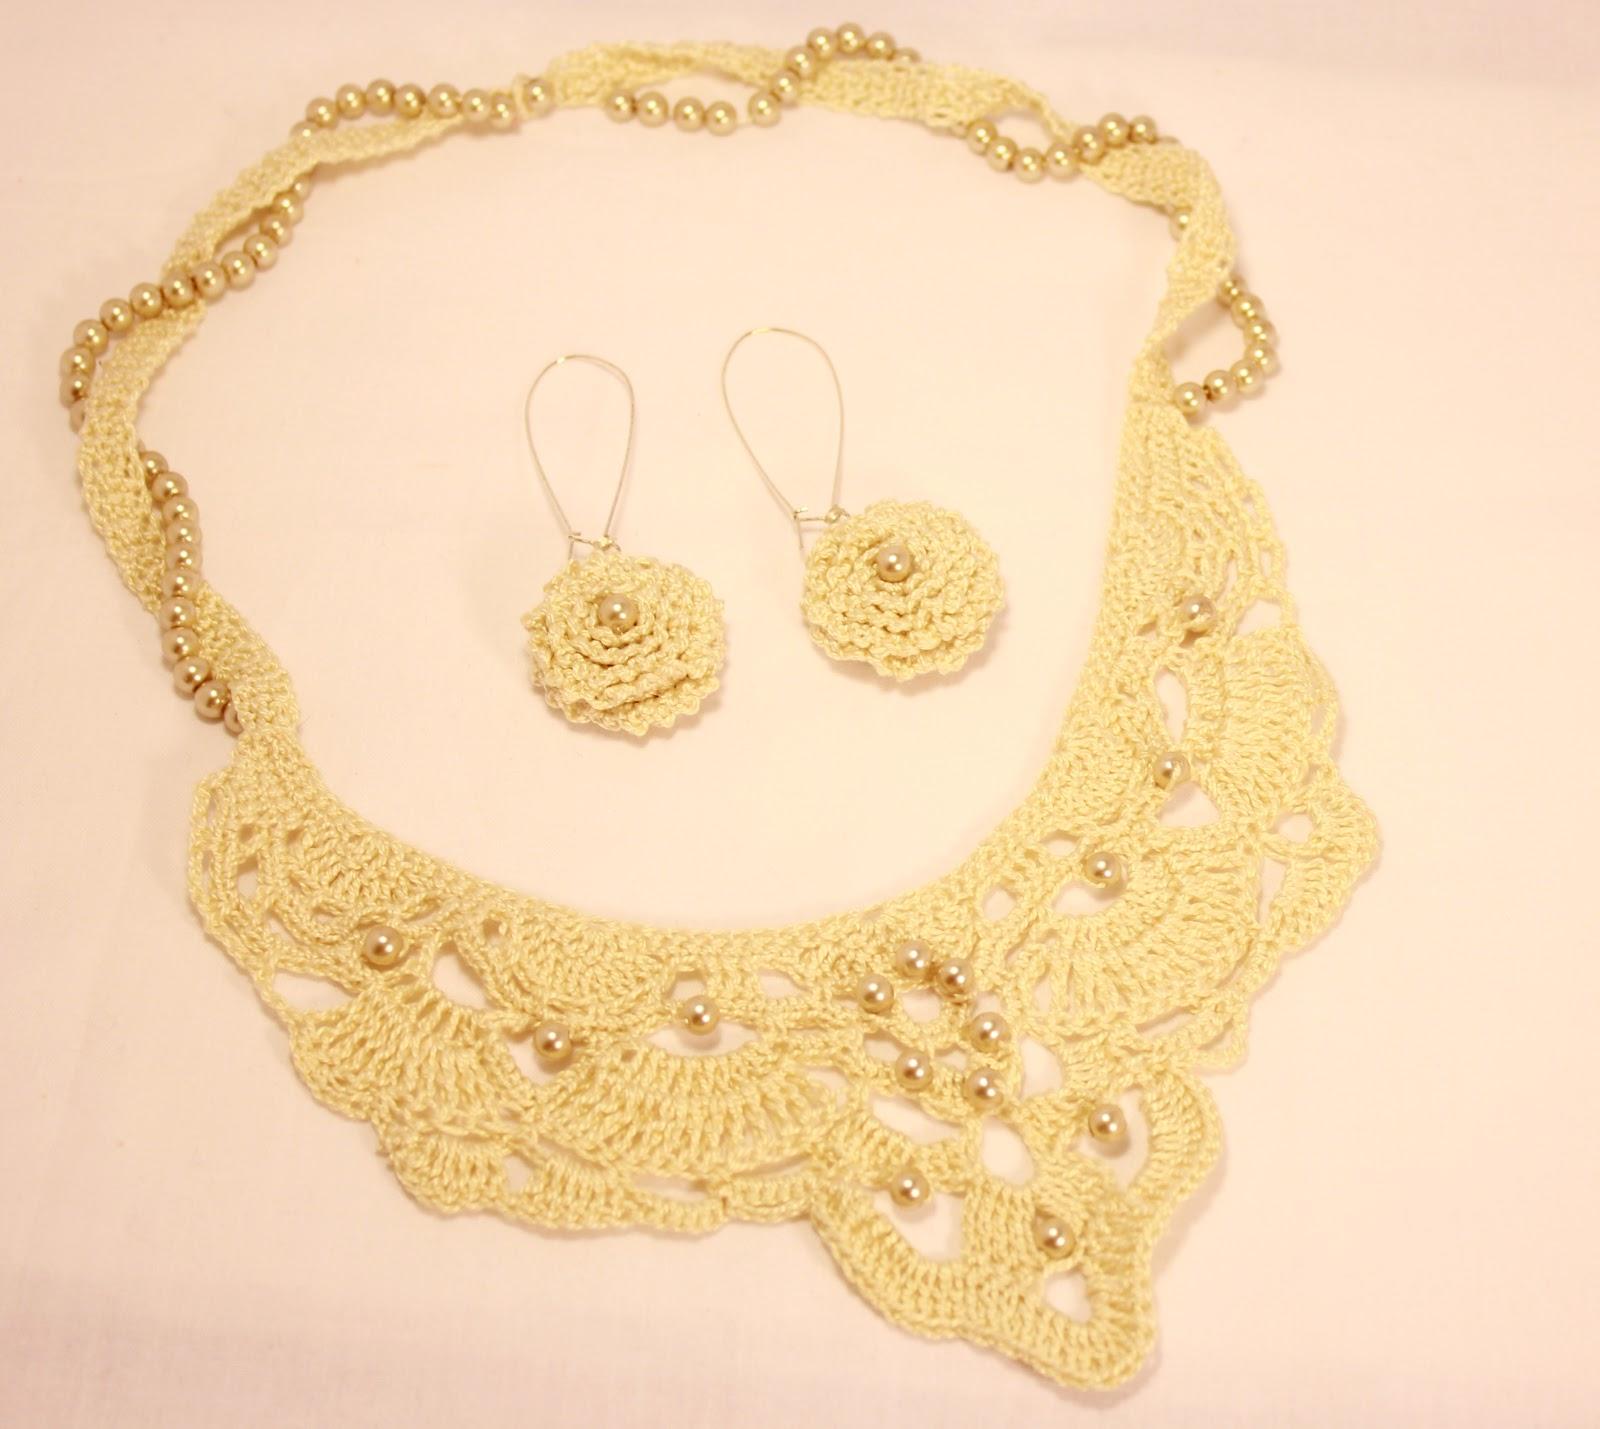 in karapoozville: crochet bib necklace diagram free crochet earrings diagrams #11